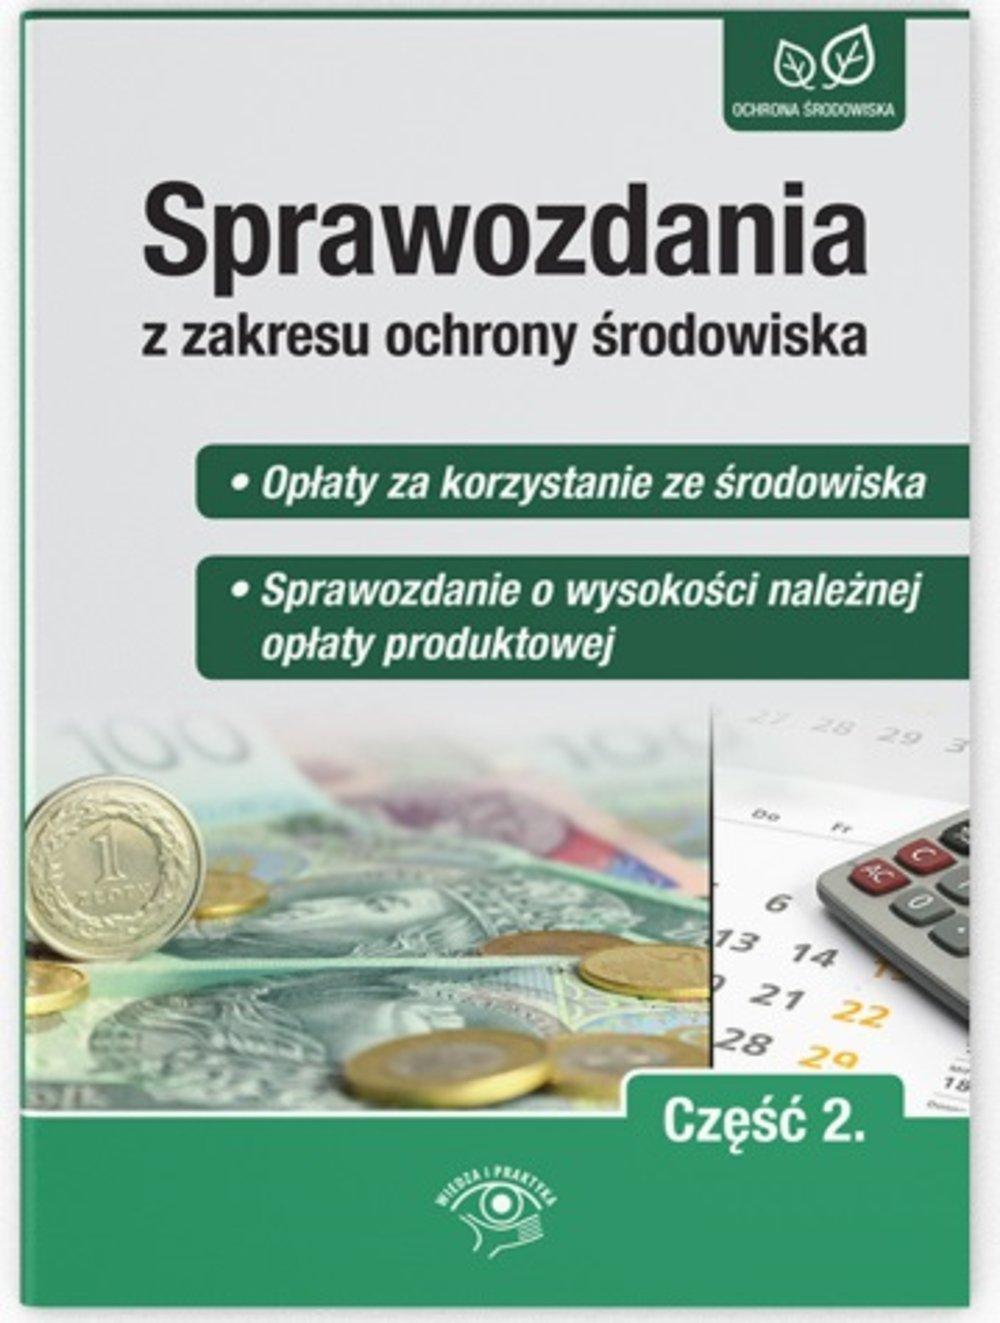 Sprawozdania z zakresu ochrony środowiska Część 2. - Opłaty za korzystanie ze środowiska  - Sprawozdanie o wysokości należnej opłaty produktowej - Ebook (Książka na Kindle) do pobrania w formacie MOBI